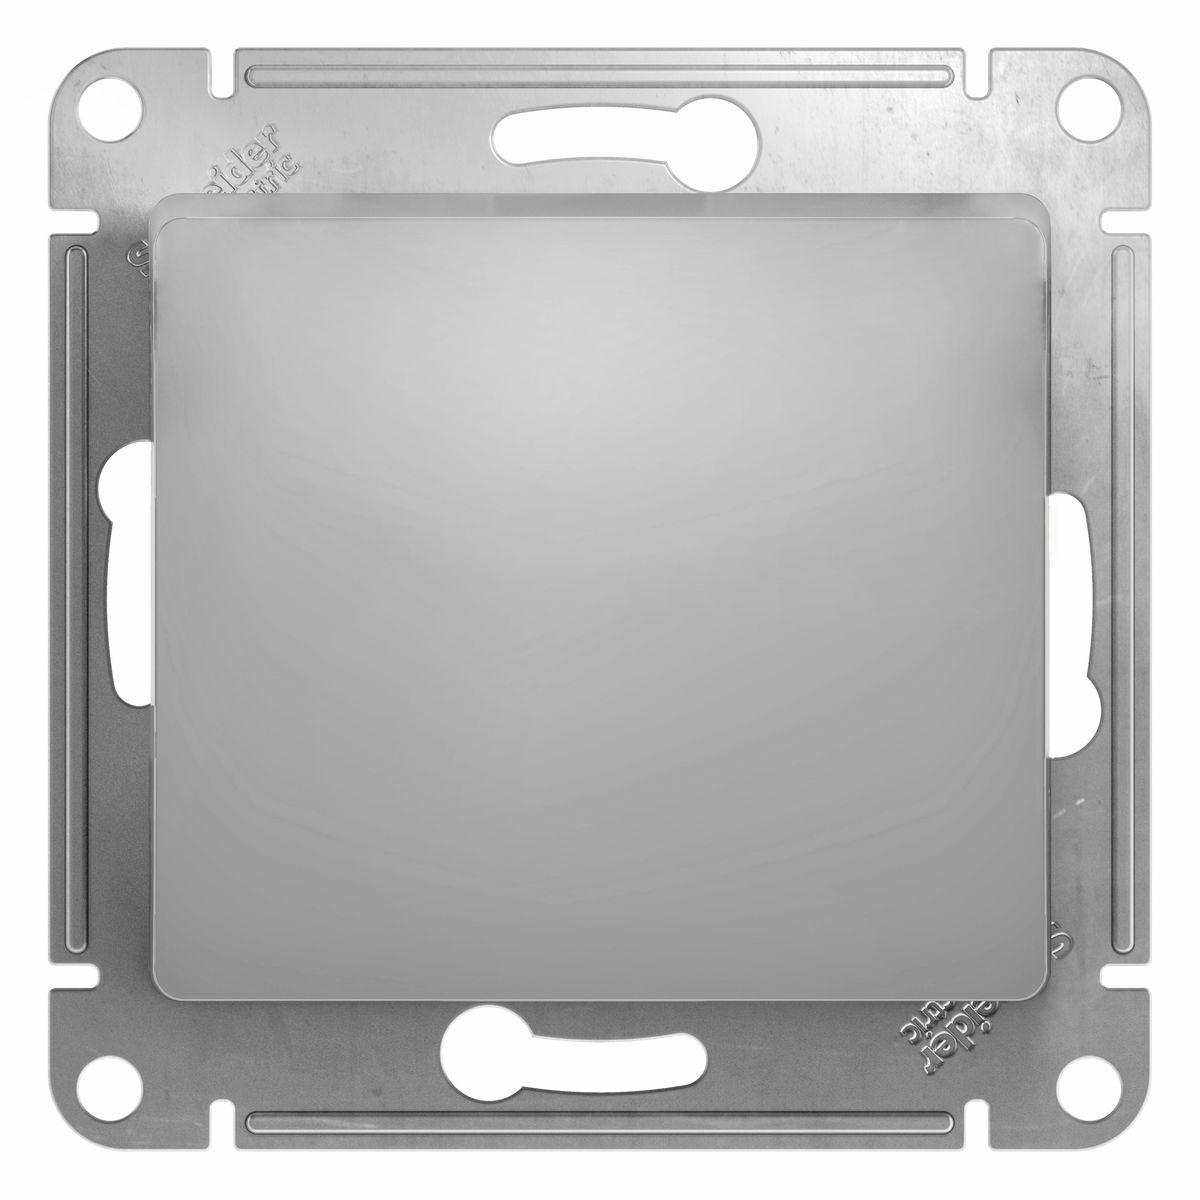 Выключатель Schneider Electric Glossa, цвет: алюминийGSL000311Одноклавишный выключатель Schneider Electric Glossa предназначен для скрытой установки. Выполнен из высококачественного пластика и стали. Выключатель имеет специальные фиксаторы, которые не дают ему смещаться как при монтаже, так и в процессе эксплуатации. Винтовые зажимы кабеля обеспечивают надежную установку к электросети с помощью отвертки. Такой выключатель станет удачным решением для дома и дачи.